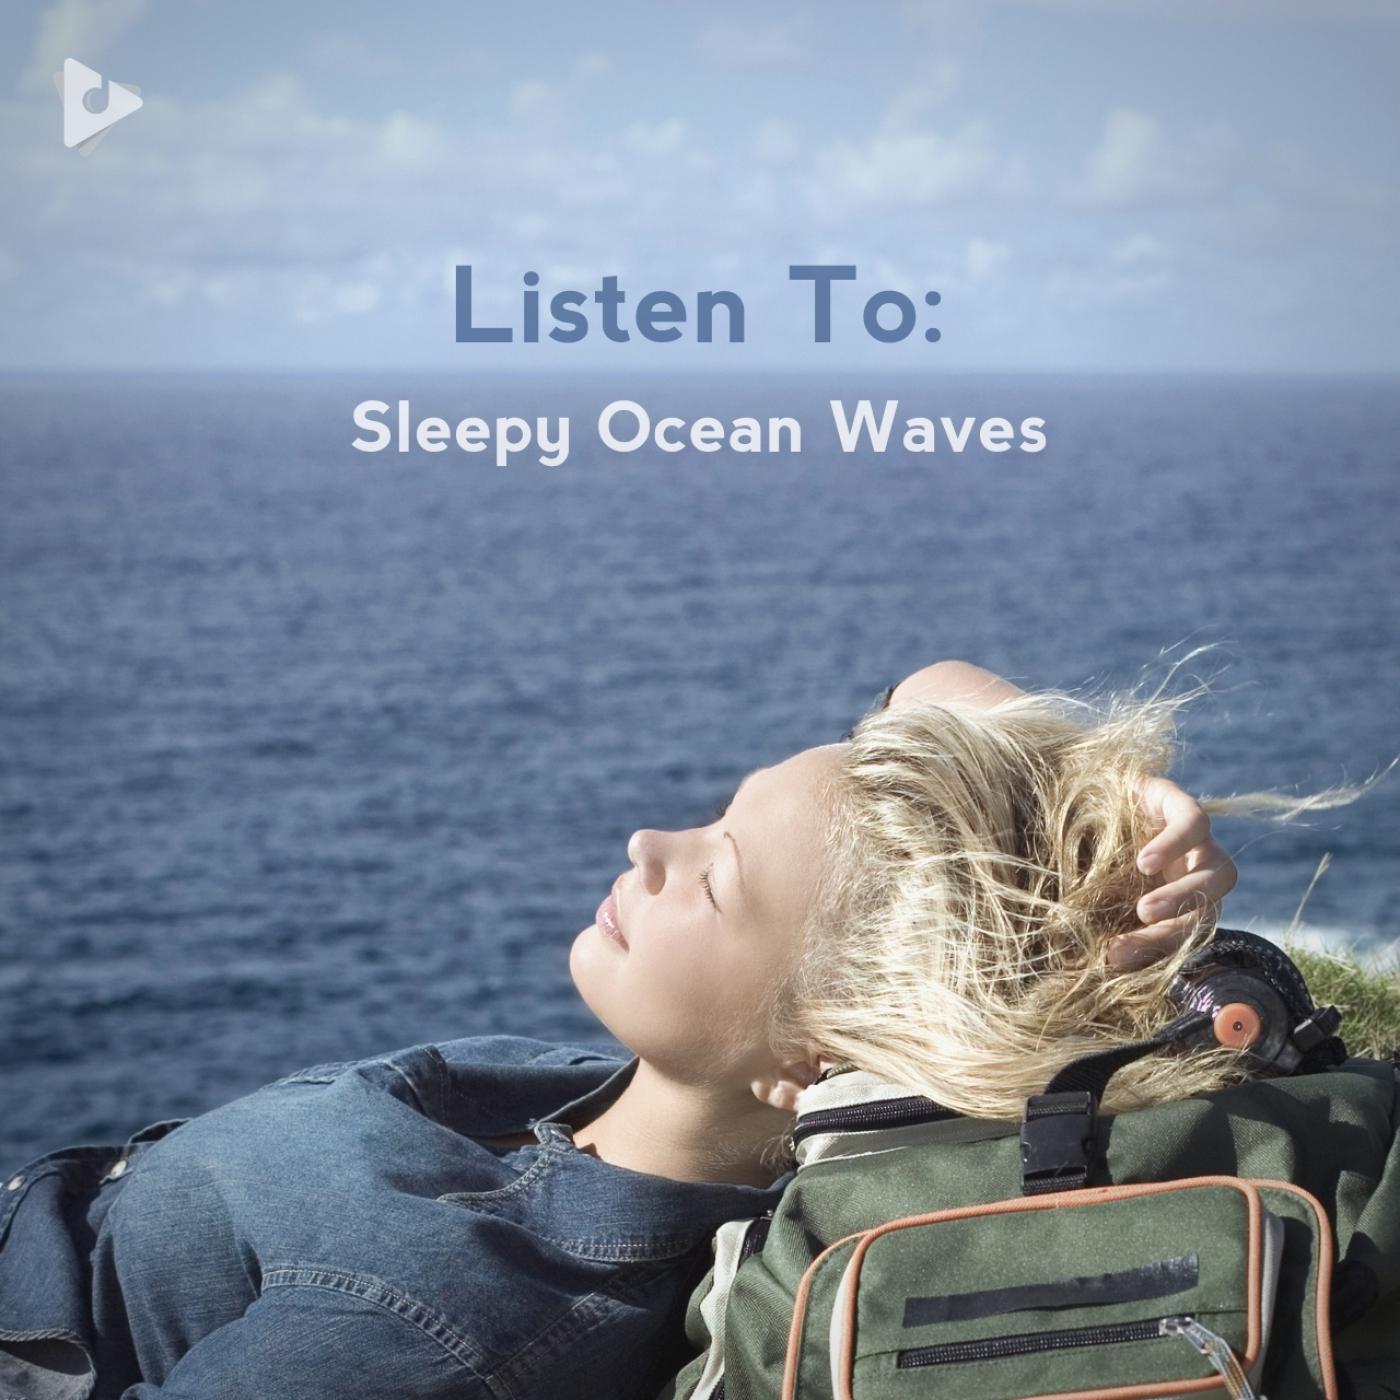 Listen To: Sleepy Ocean Waves